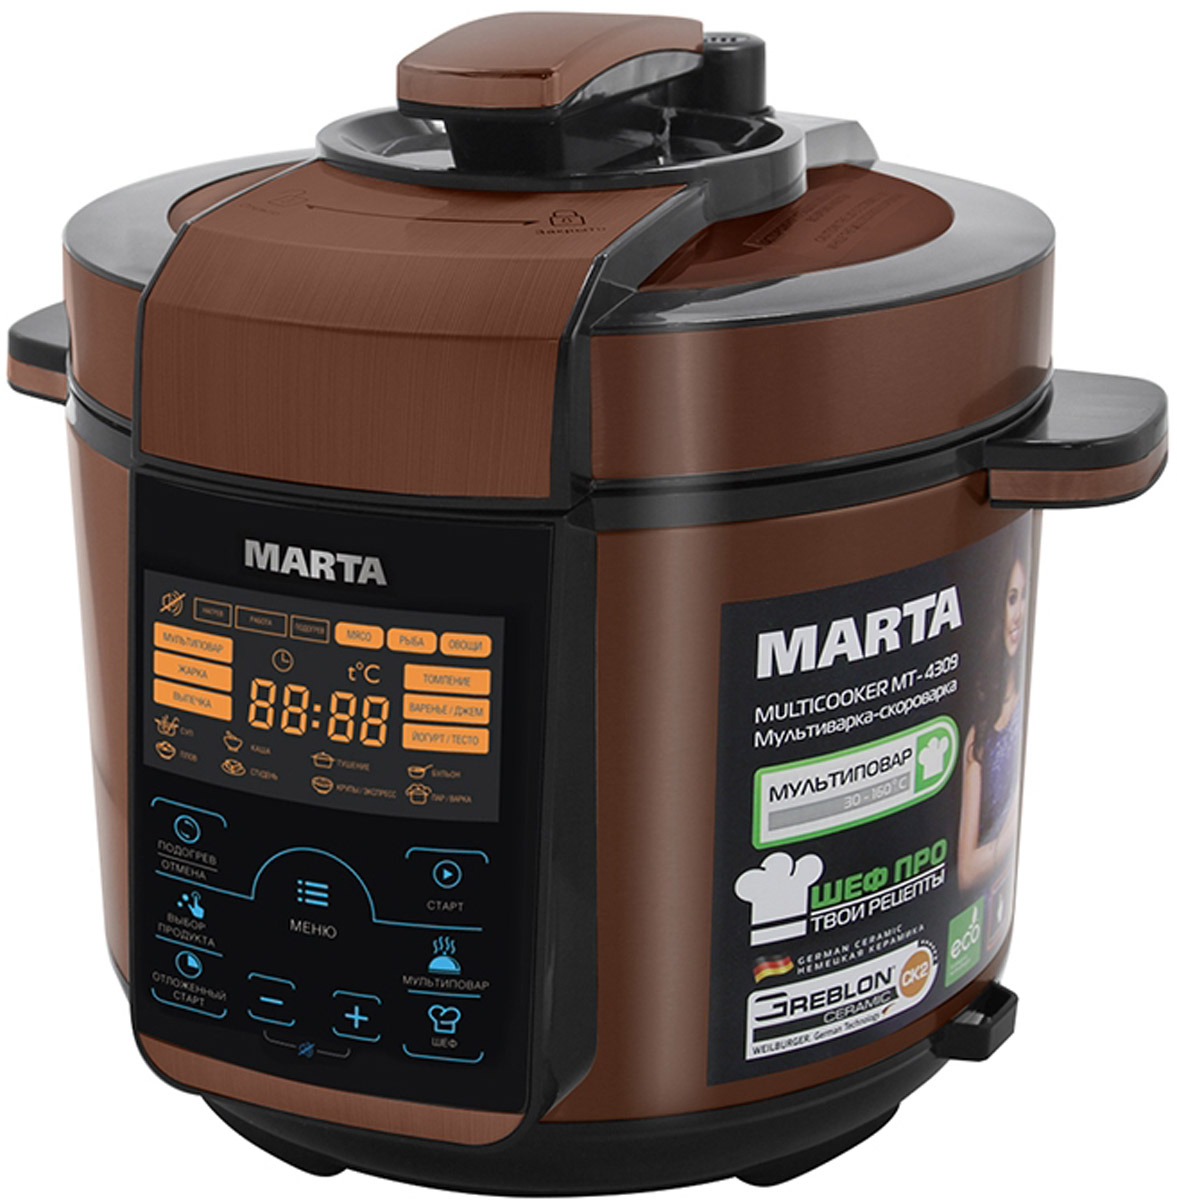 Marta MT-4309, Black Cooper мультиваркаMT-4309MARTA представляет новую уникальную мультиварку-скороварку, обладающую совершенным дизайном и всеми возможными функциями. Это настоящий прибор 2 в 1 - мультиварка и скороварка! Он позволяет готовить с давлением и без давления.МАRТА МТ-4309 комплектуется толстостенной чашей с немецким керамическим покрытием GREBLON CK2. Главной особенностью модели МАRТА МТ-4309 является то, что это универсальное устройство, которое совмещает функции мультиварки и скороварки. В ней есть программы, которые используют технологию приготовления пищи под давлением, а есть программы, присущие простым мультиваркам, в которых приготовление происходит без давления. Ваше блюдо никогда не подгорит, сохранит свой вкус, аромат и витамины. Сенсорное управление позволит с легкостью управляться 45 программами приготовления, из которых 21 - полностью автоматическая: 15 работают в режиме скороварки, а 6 - в режиме мультиварки. Остальные 24 программы настраиваются вручную. А для полного раскрытия кулинарного таланта - программа мультиповар в комбинации с программой ШЕФ и функцией ШЕФ ПРО! Откройте для себя новые кулинарные возможности со скороварками MARTA!